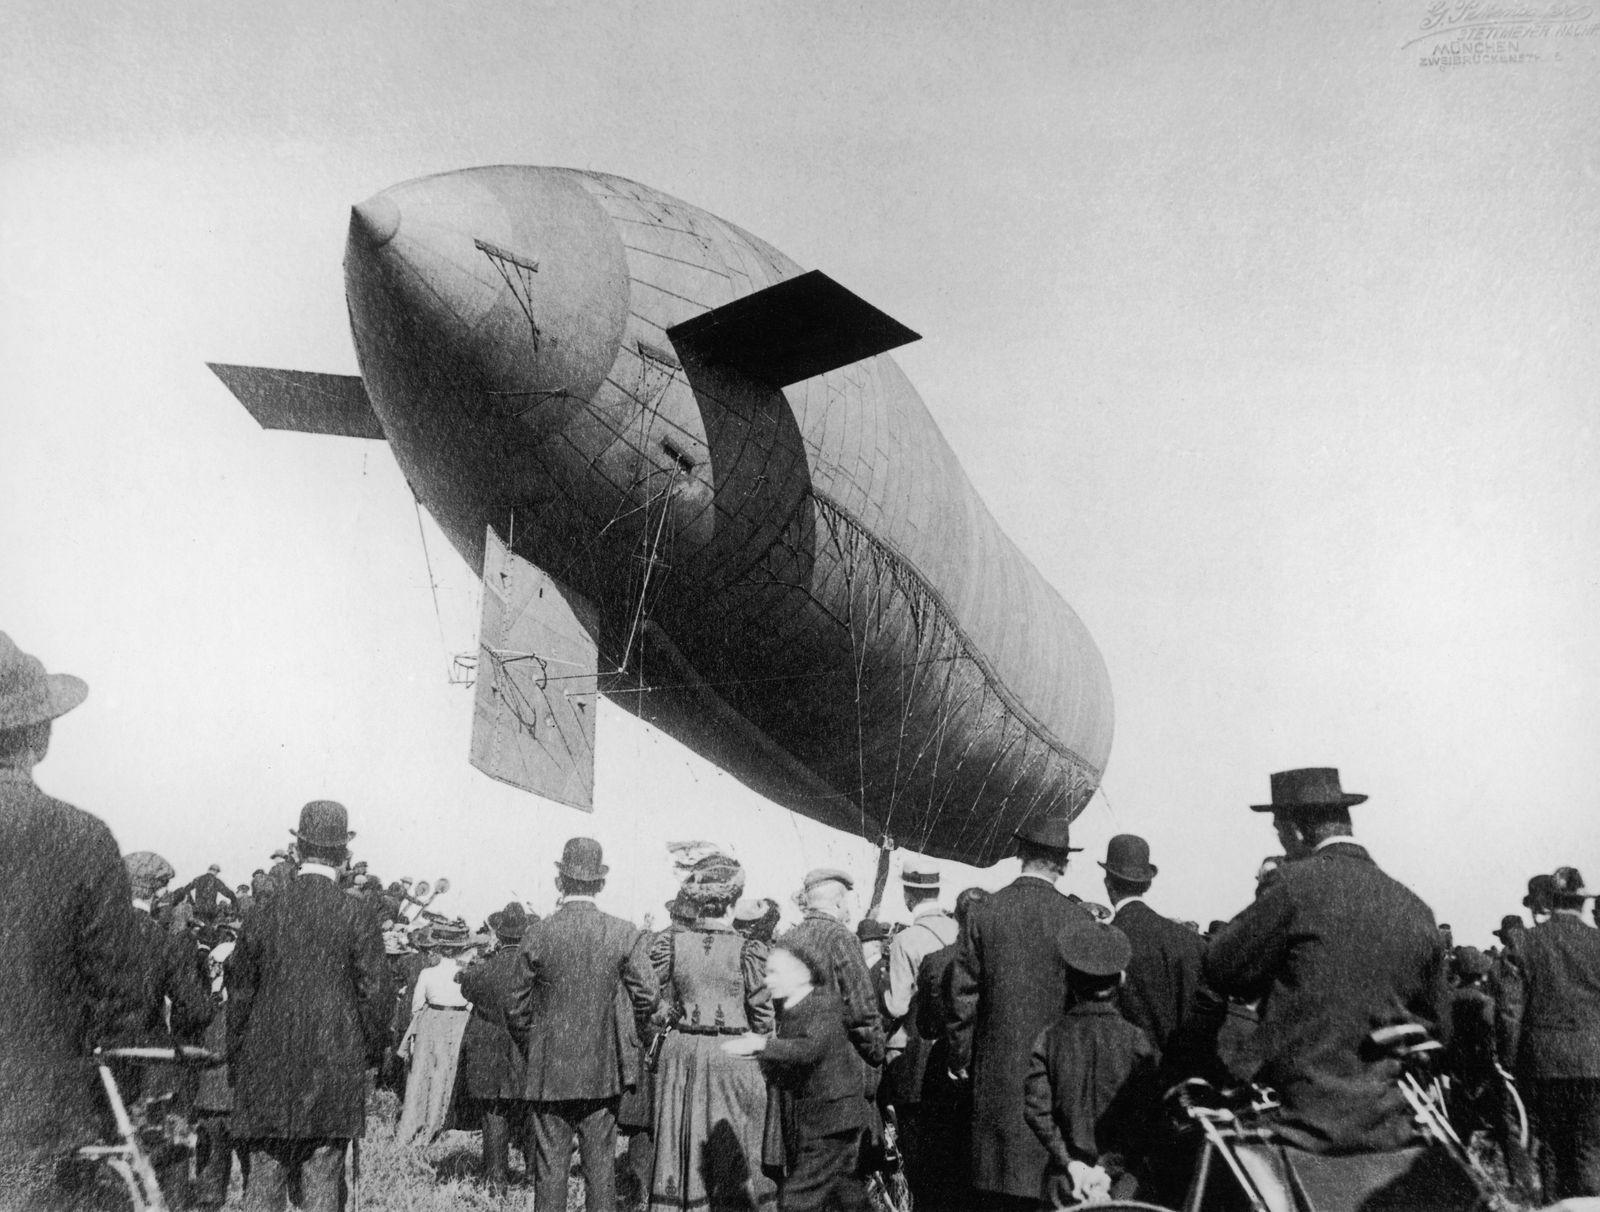 Airship landing in Munich